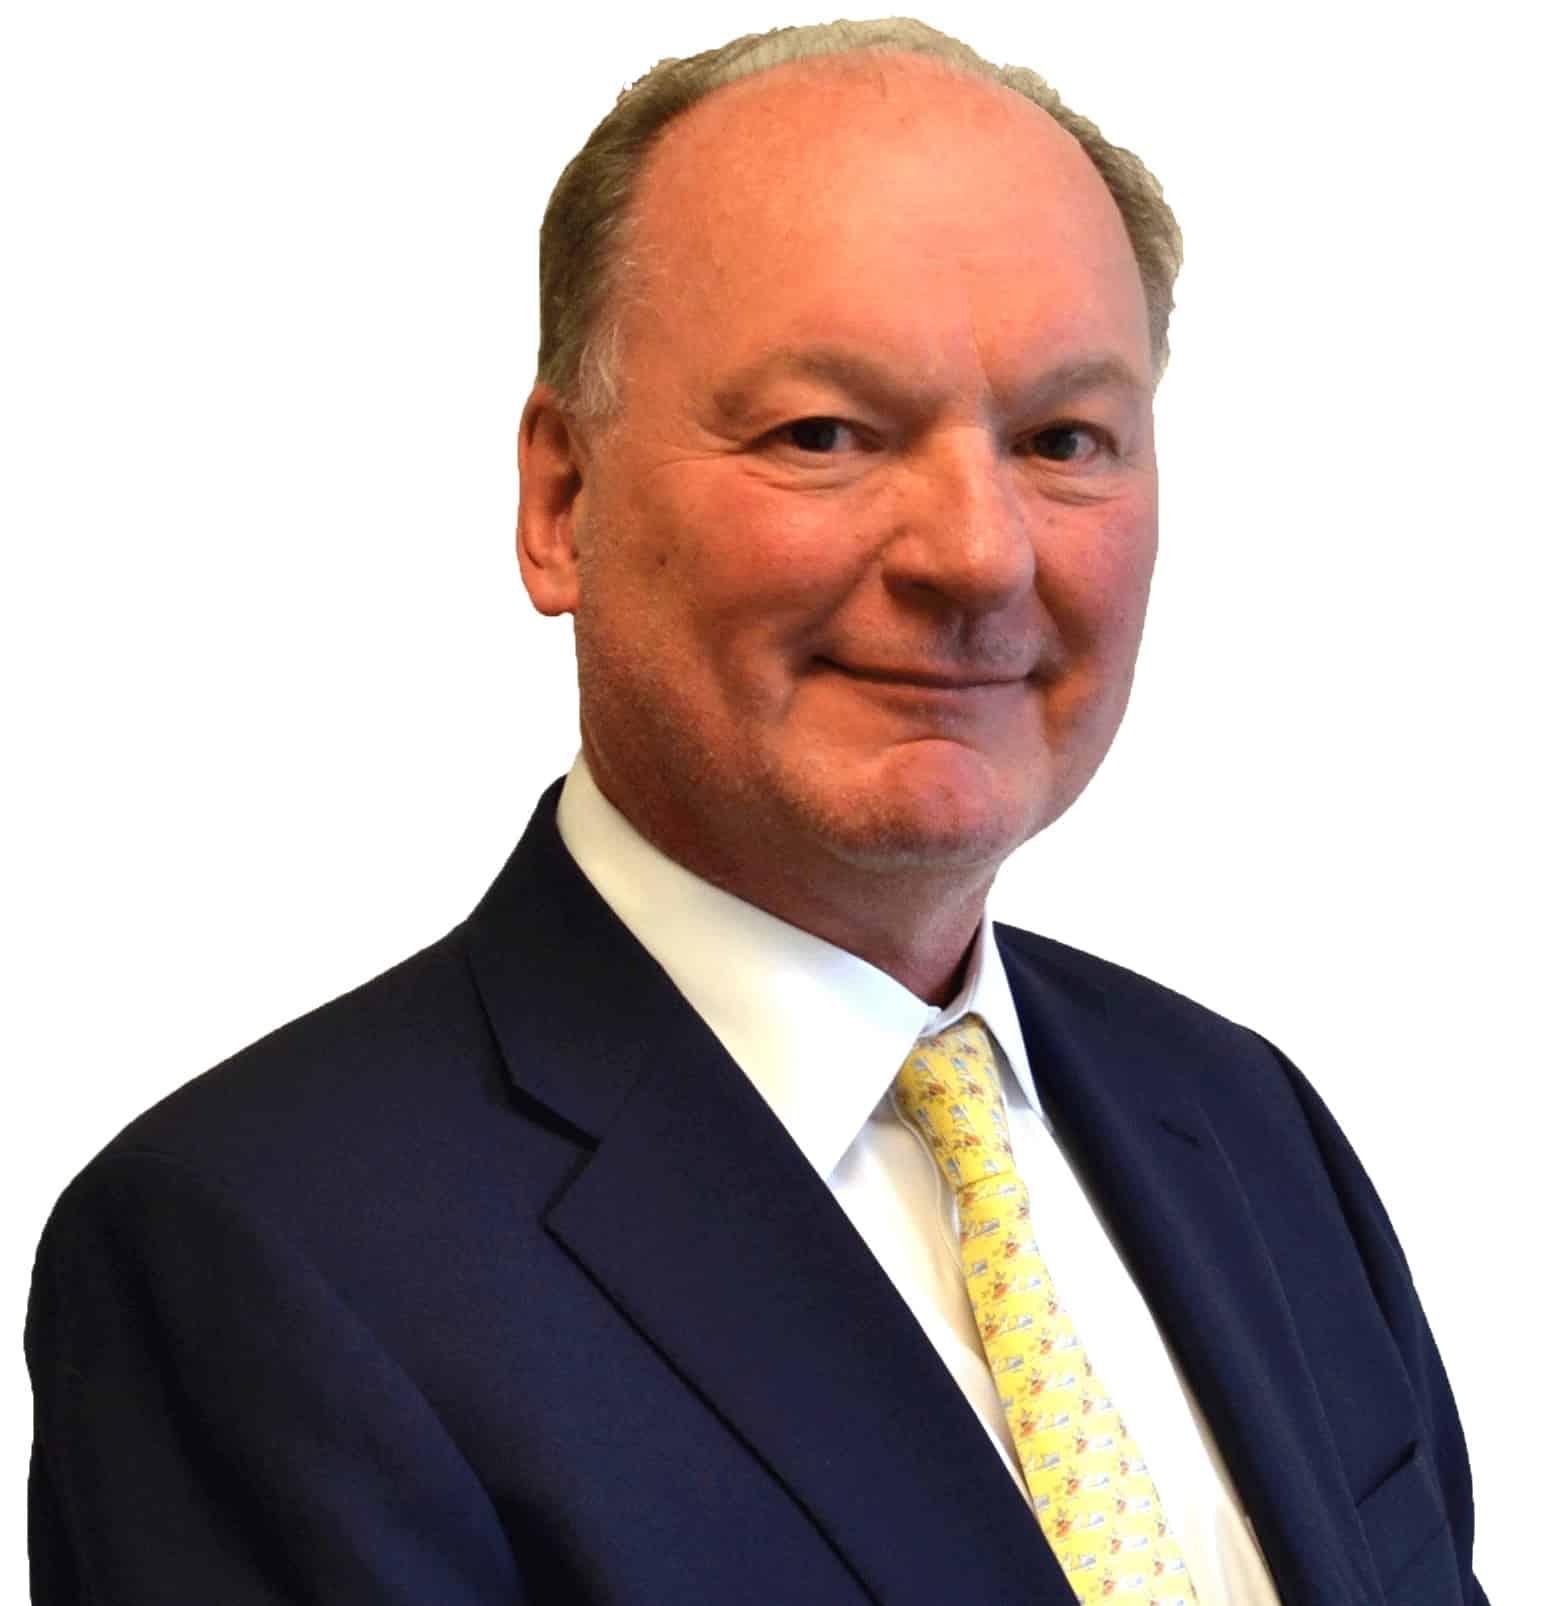 Peer to Peer Lender RateSetter Adds Martyn Scrivens as Board member